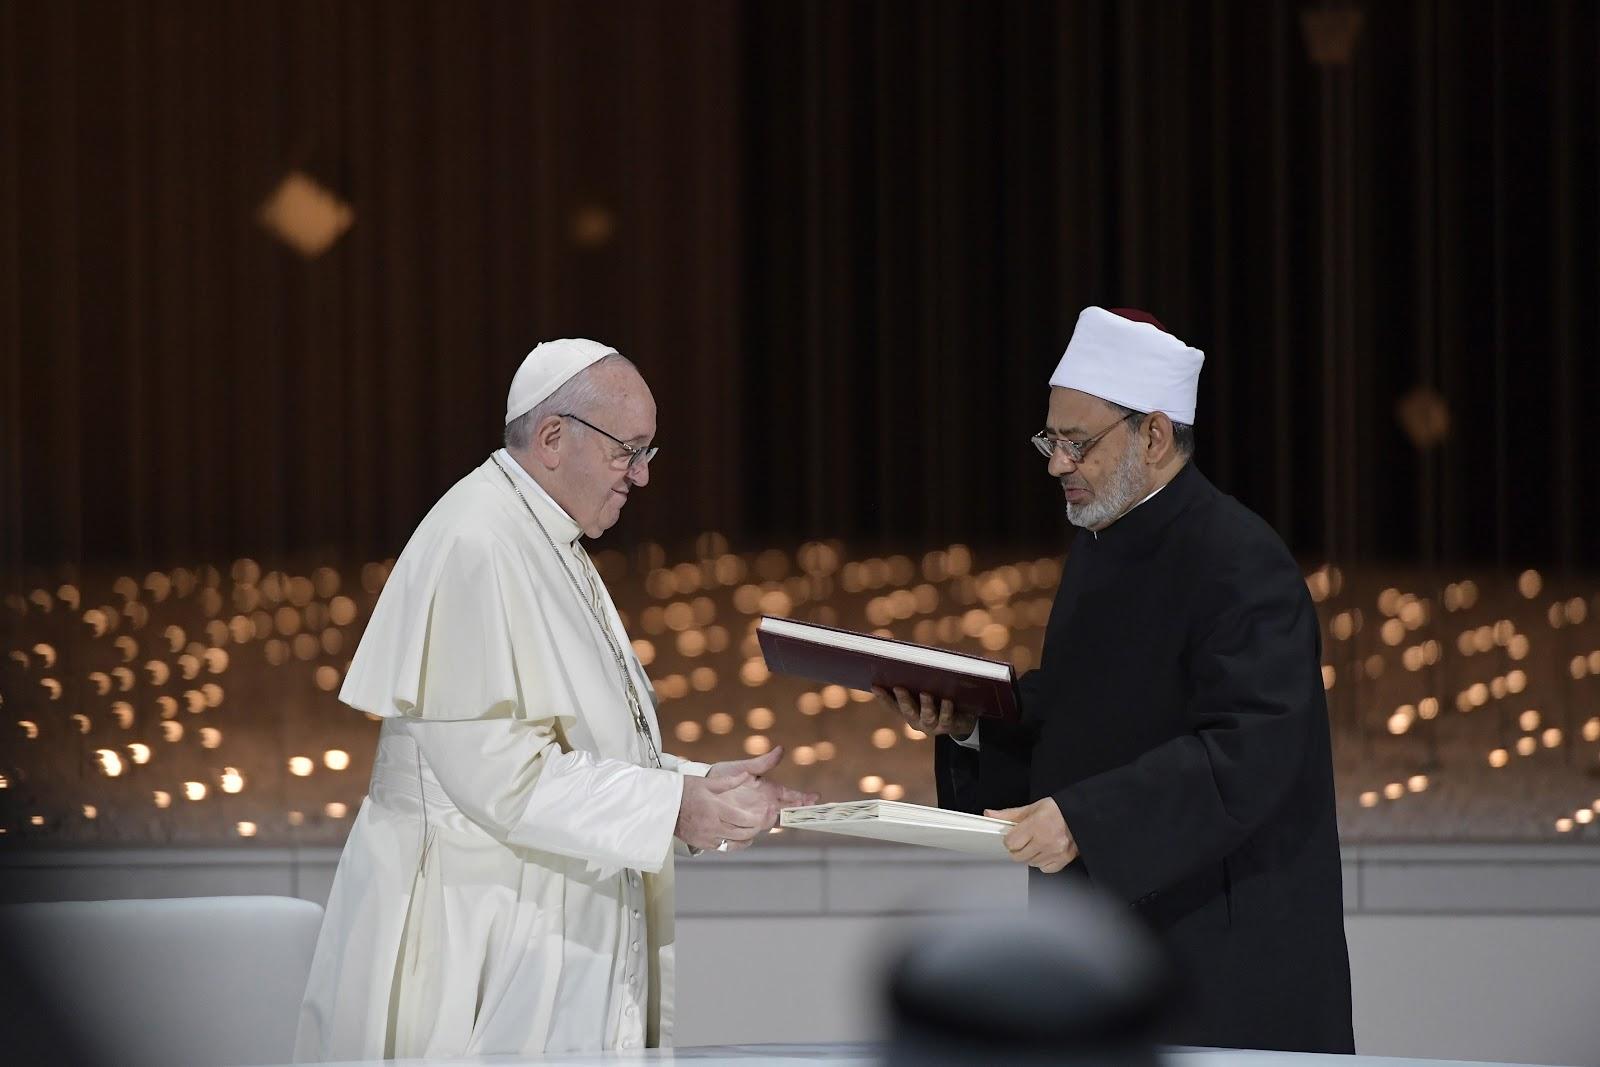 Abu Dhabi: Văn kiện lịch sử được ký bởi Đức Thánh Cha Phanxico và Đức Đại Imam của Đại học Al-Azhar